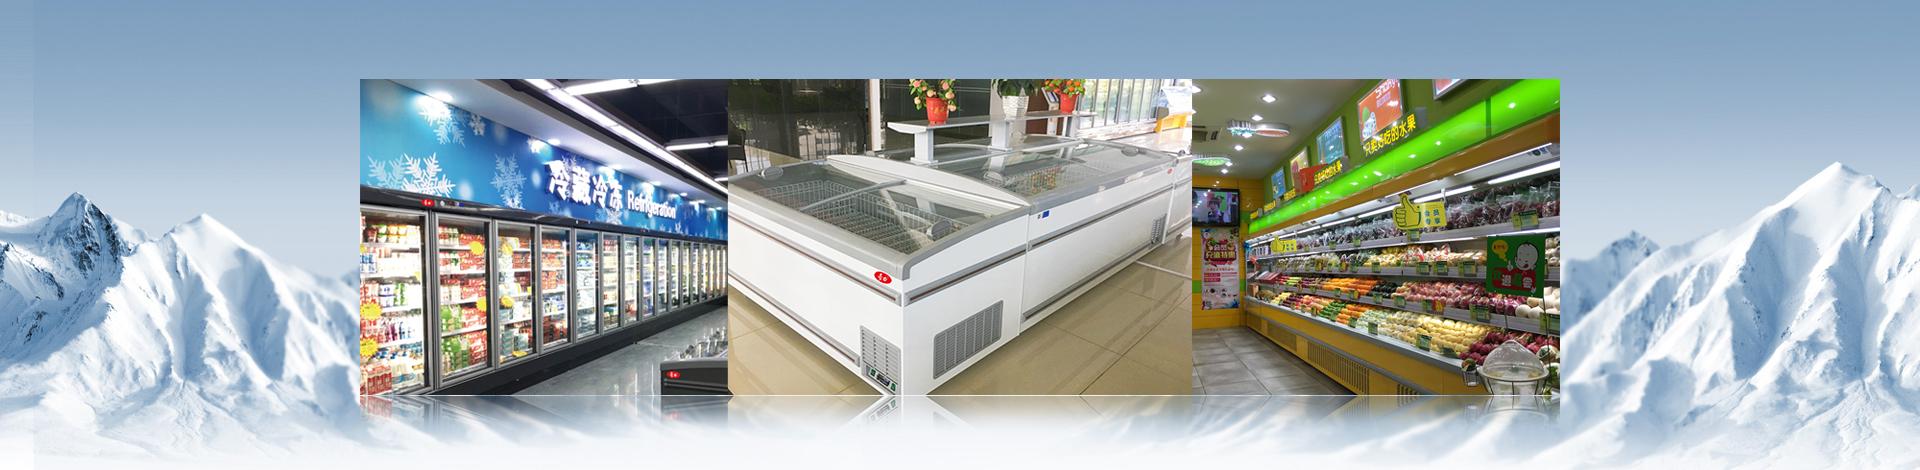 南宁冷柜,南宁熟食冷藏柜,南宁海鲜大型制冰机